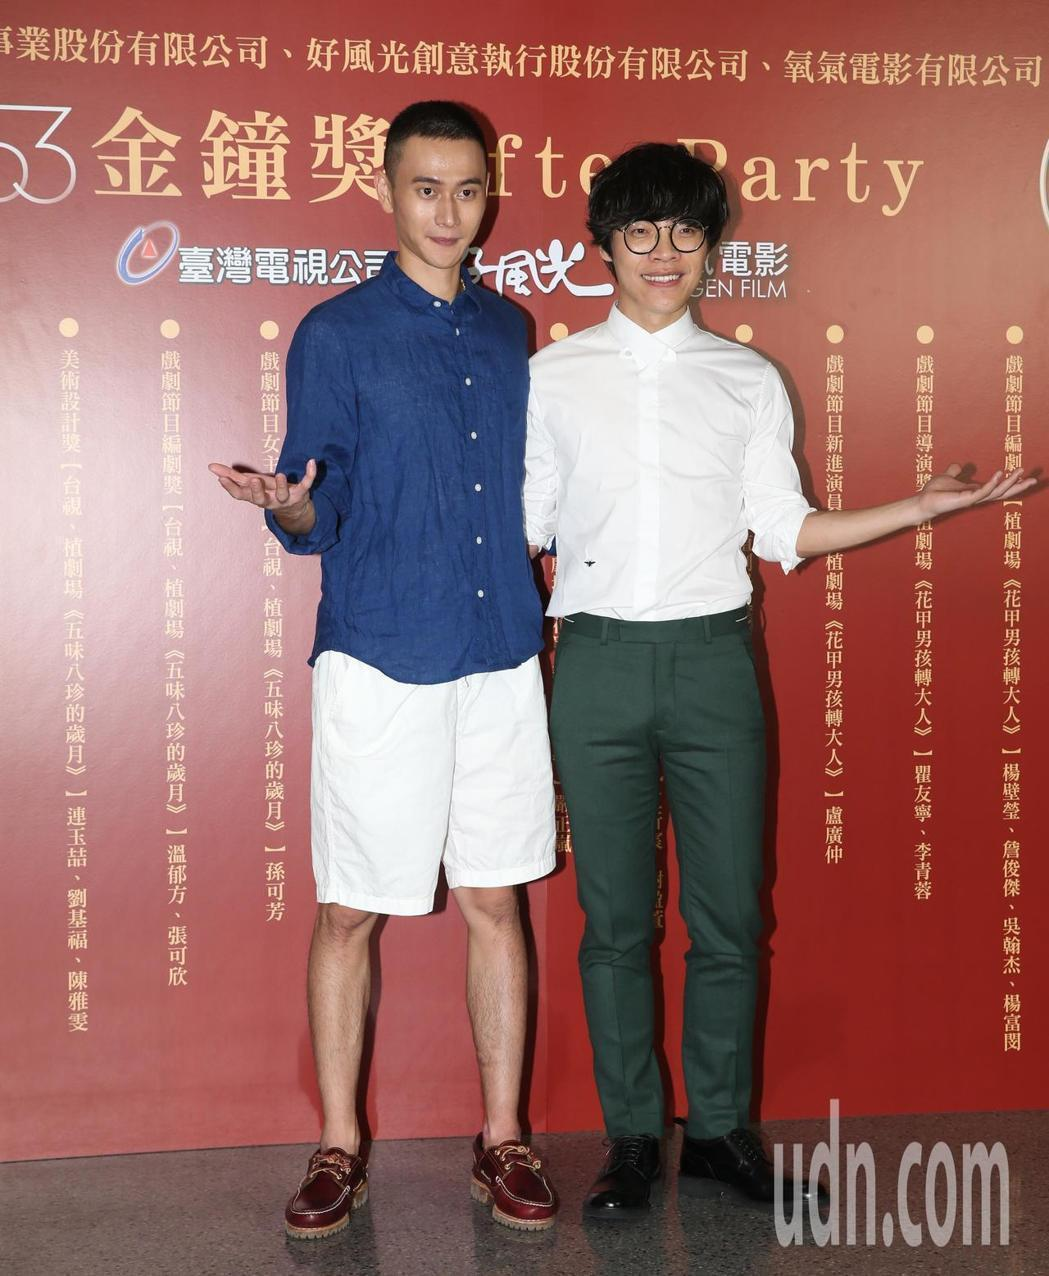 劉冠廷(左)、盧廣仲雙雙敲鐘。記者葉信菉/攝影